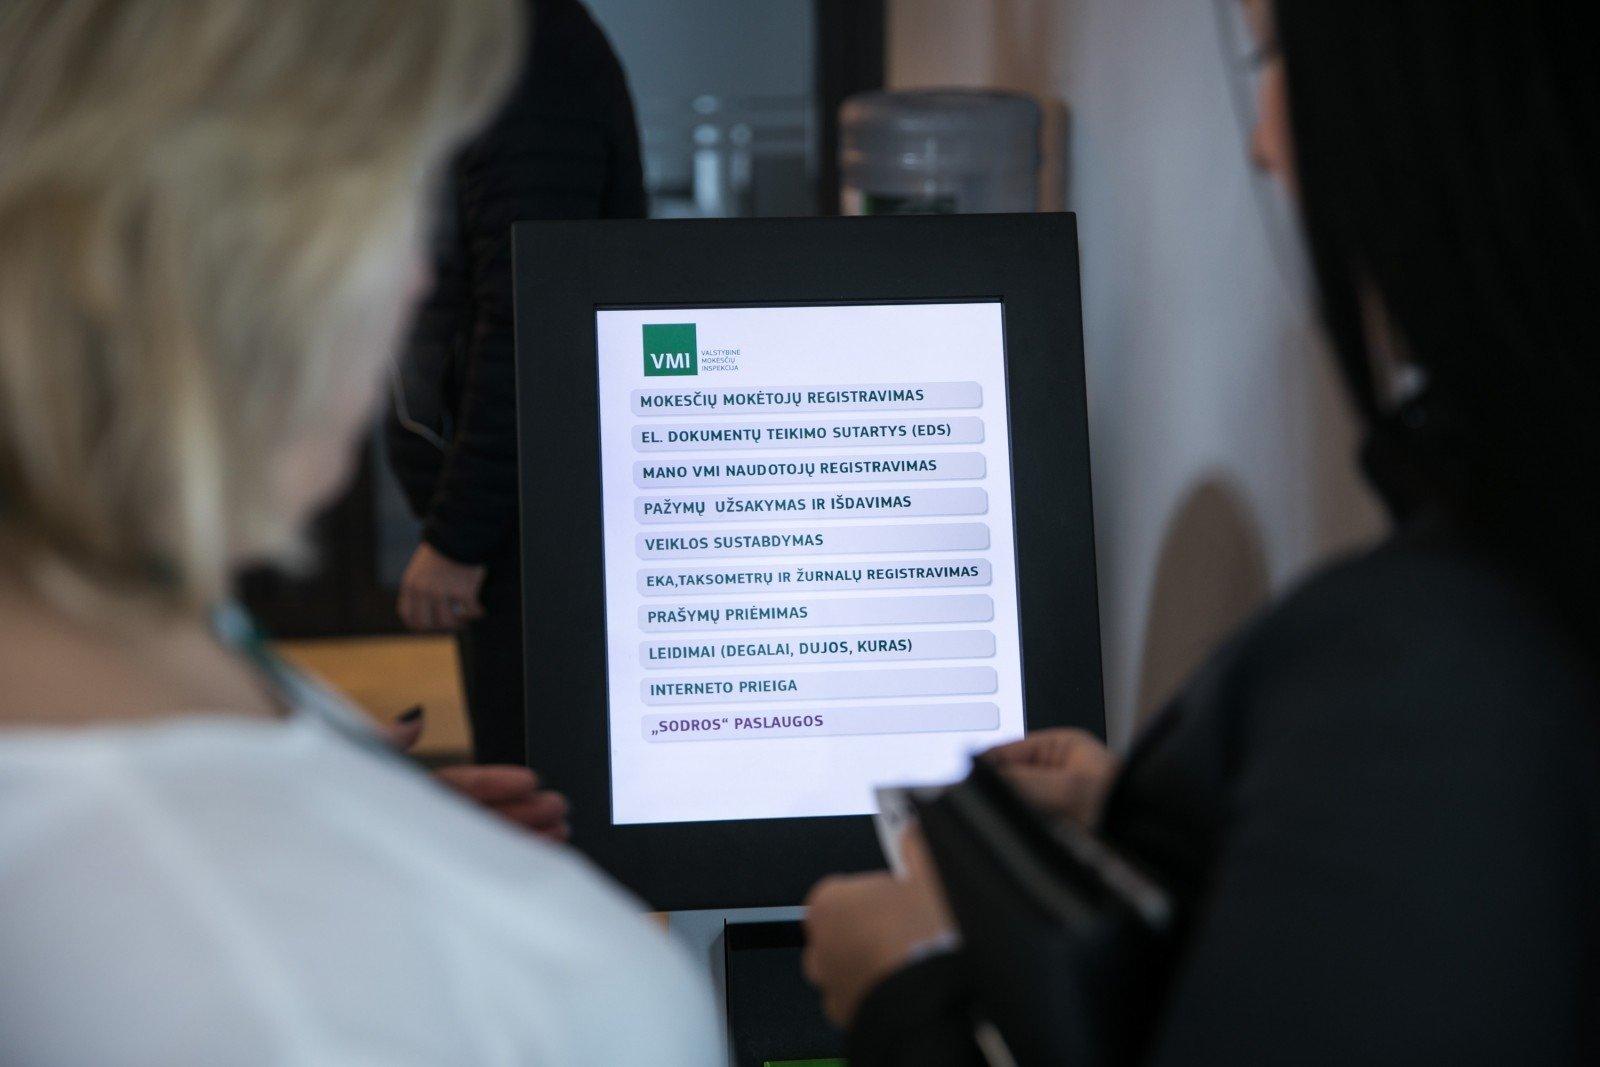 internetinių pajamų prisijungimo registracija